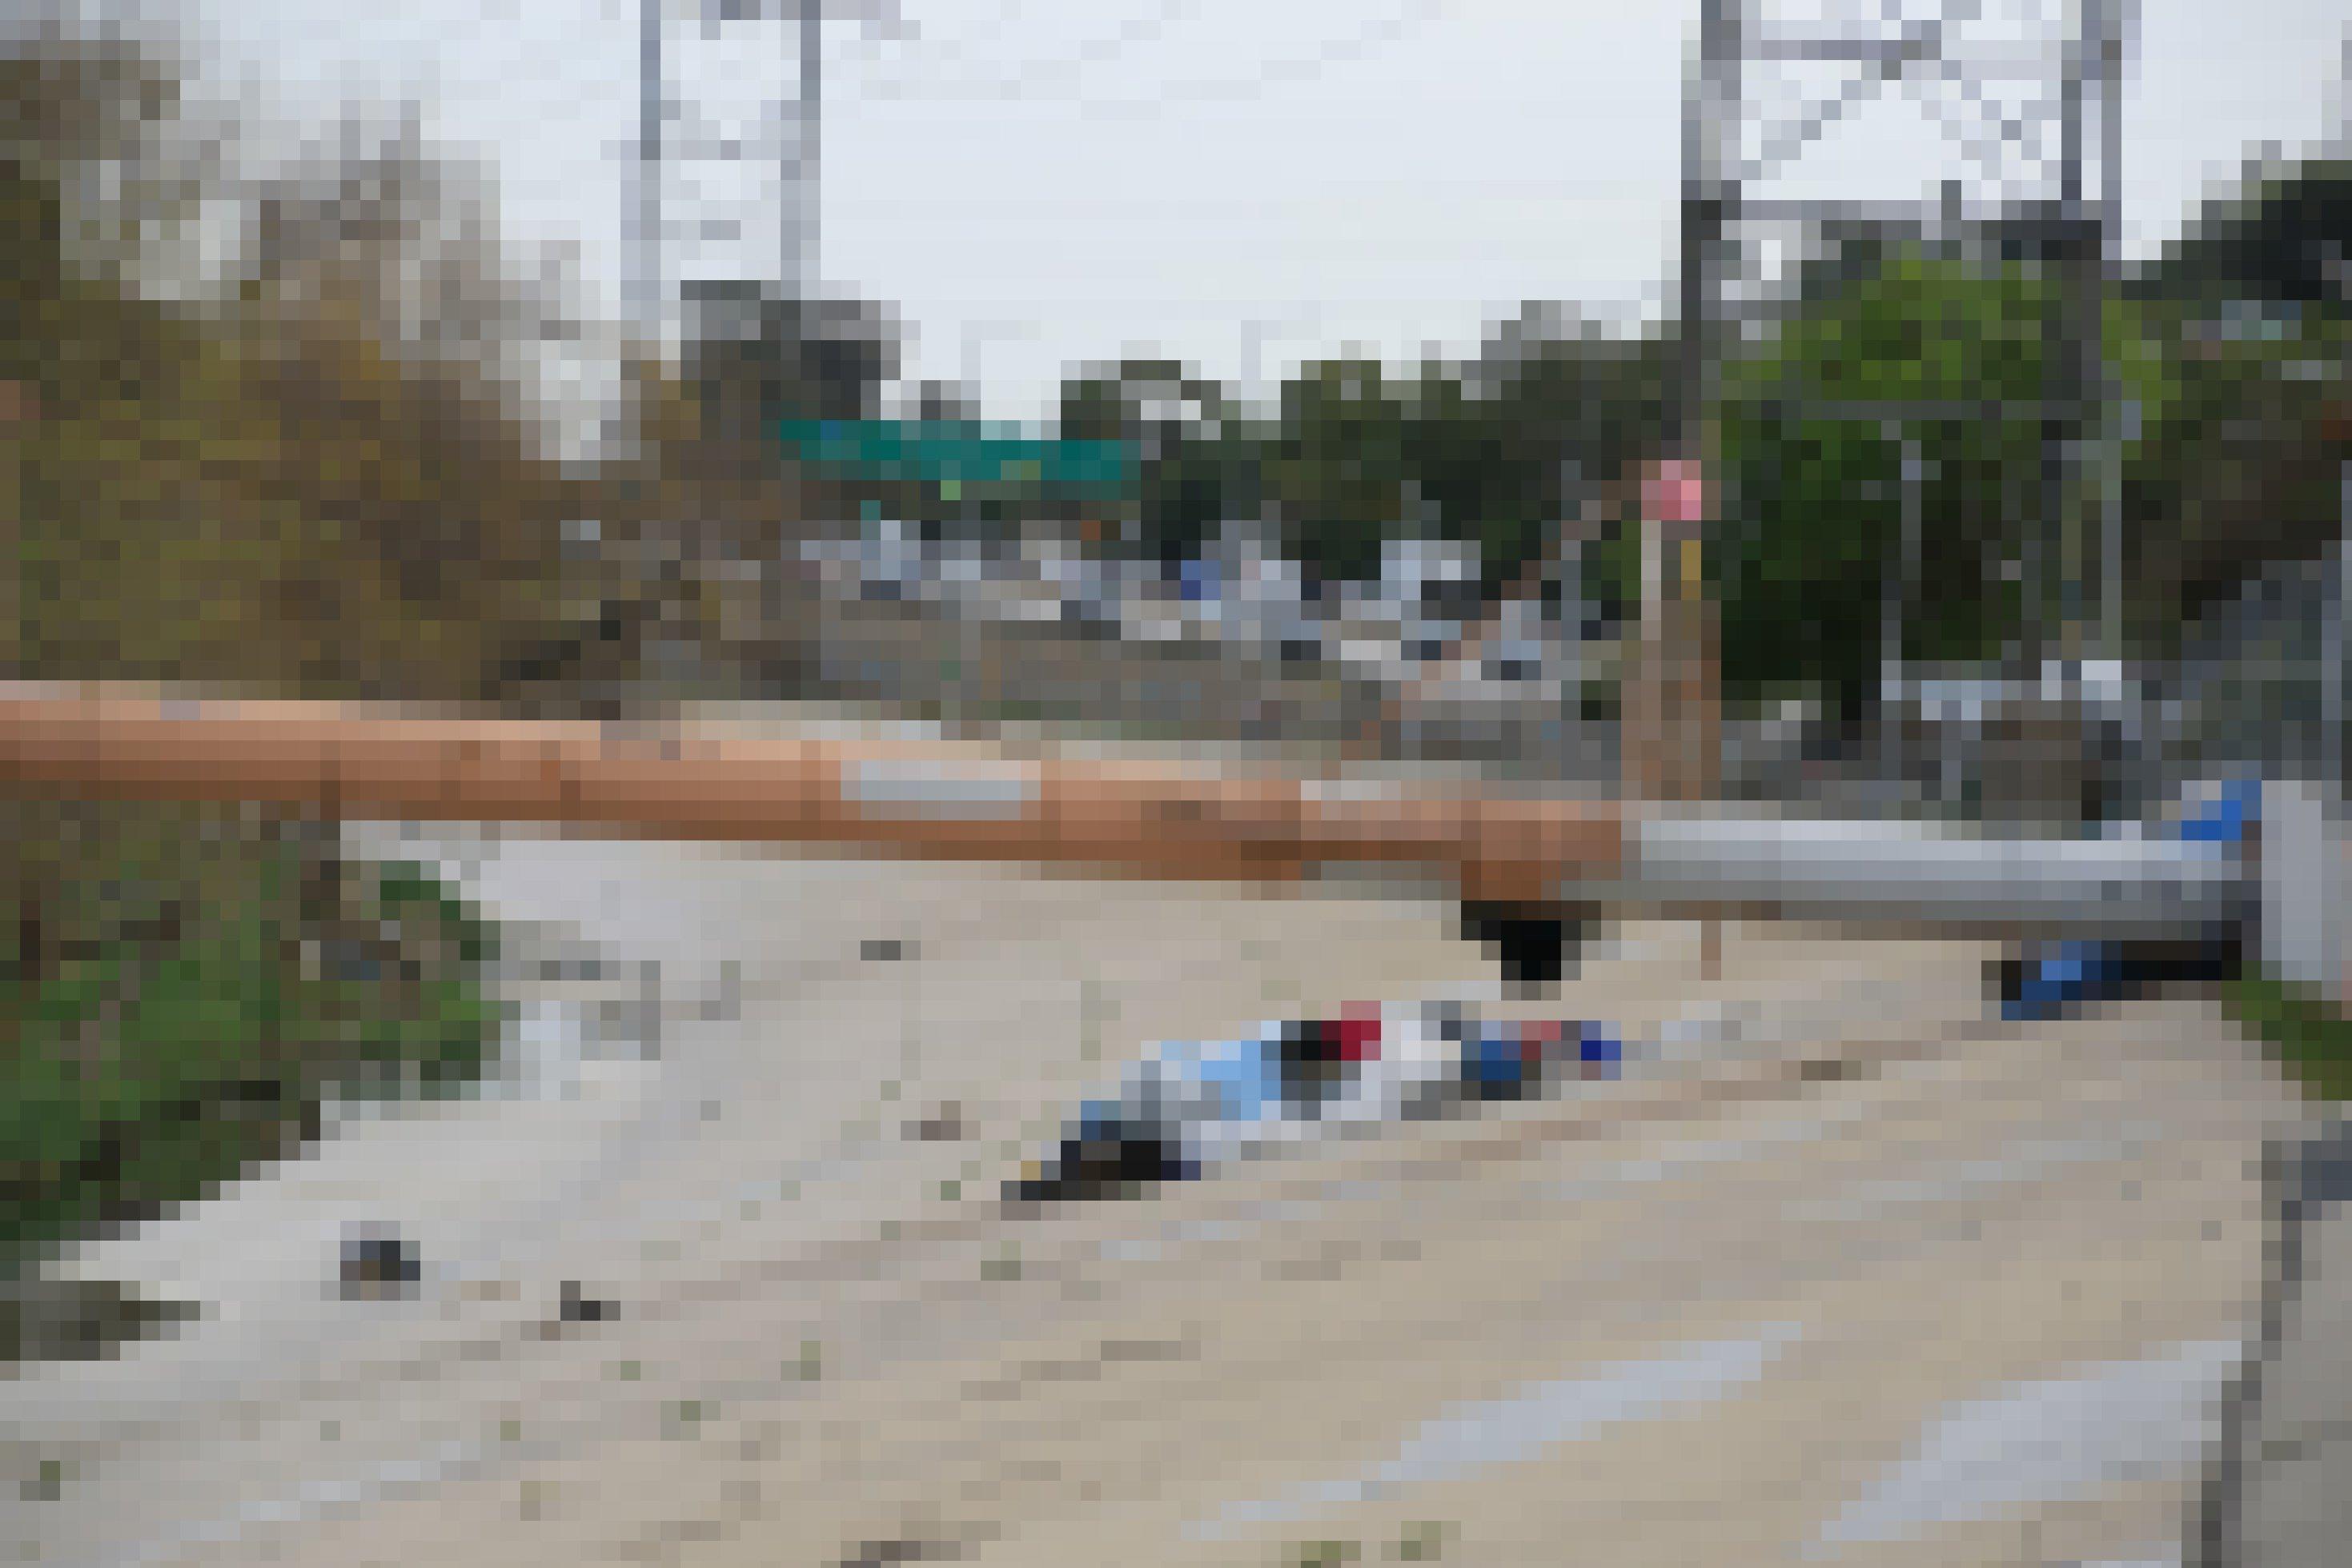 Müll türmt sich an einem Fluss-Ufer.